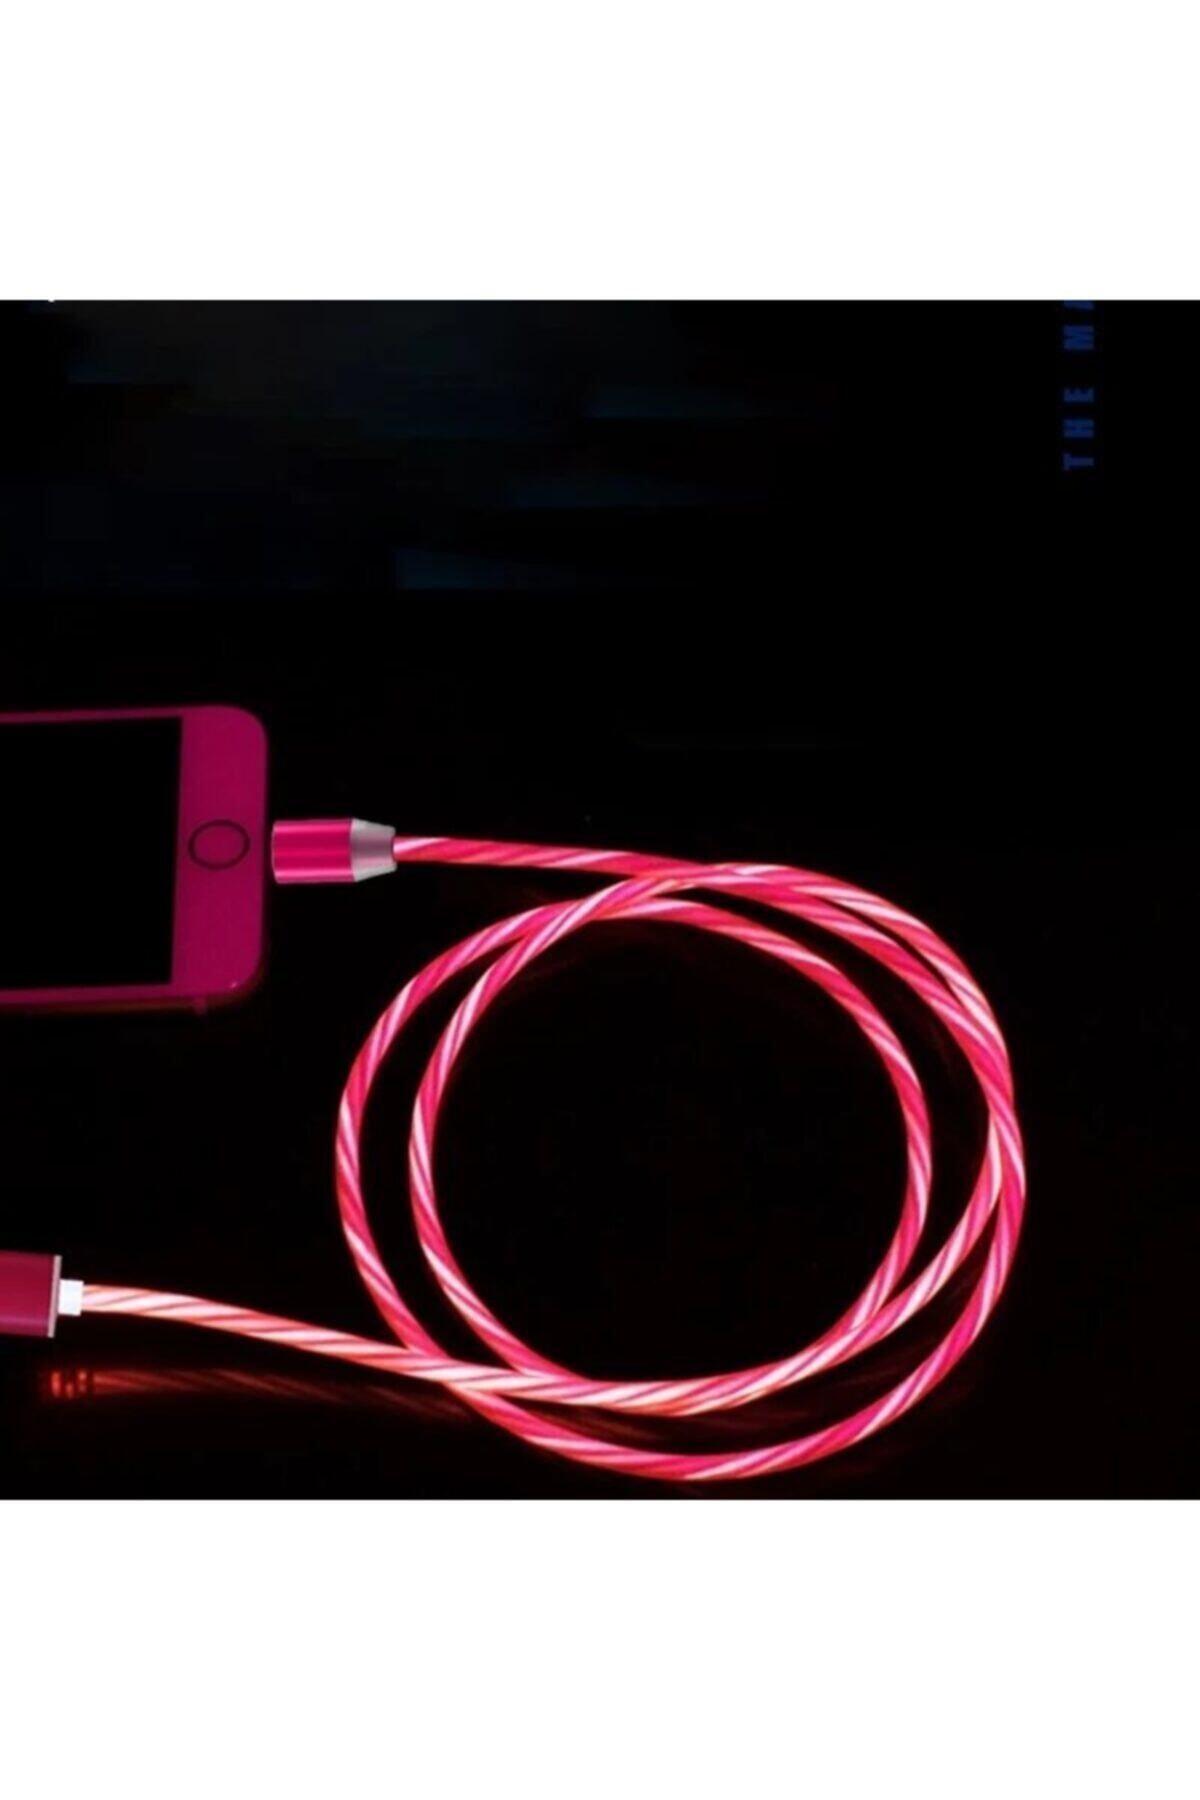 Elmas Iphone Full Işıklı Hareketli Manyetik Mıknatıslı Şarj Aleti Sarj Kablosu Kırmızı Işıklı 1